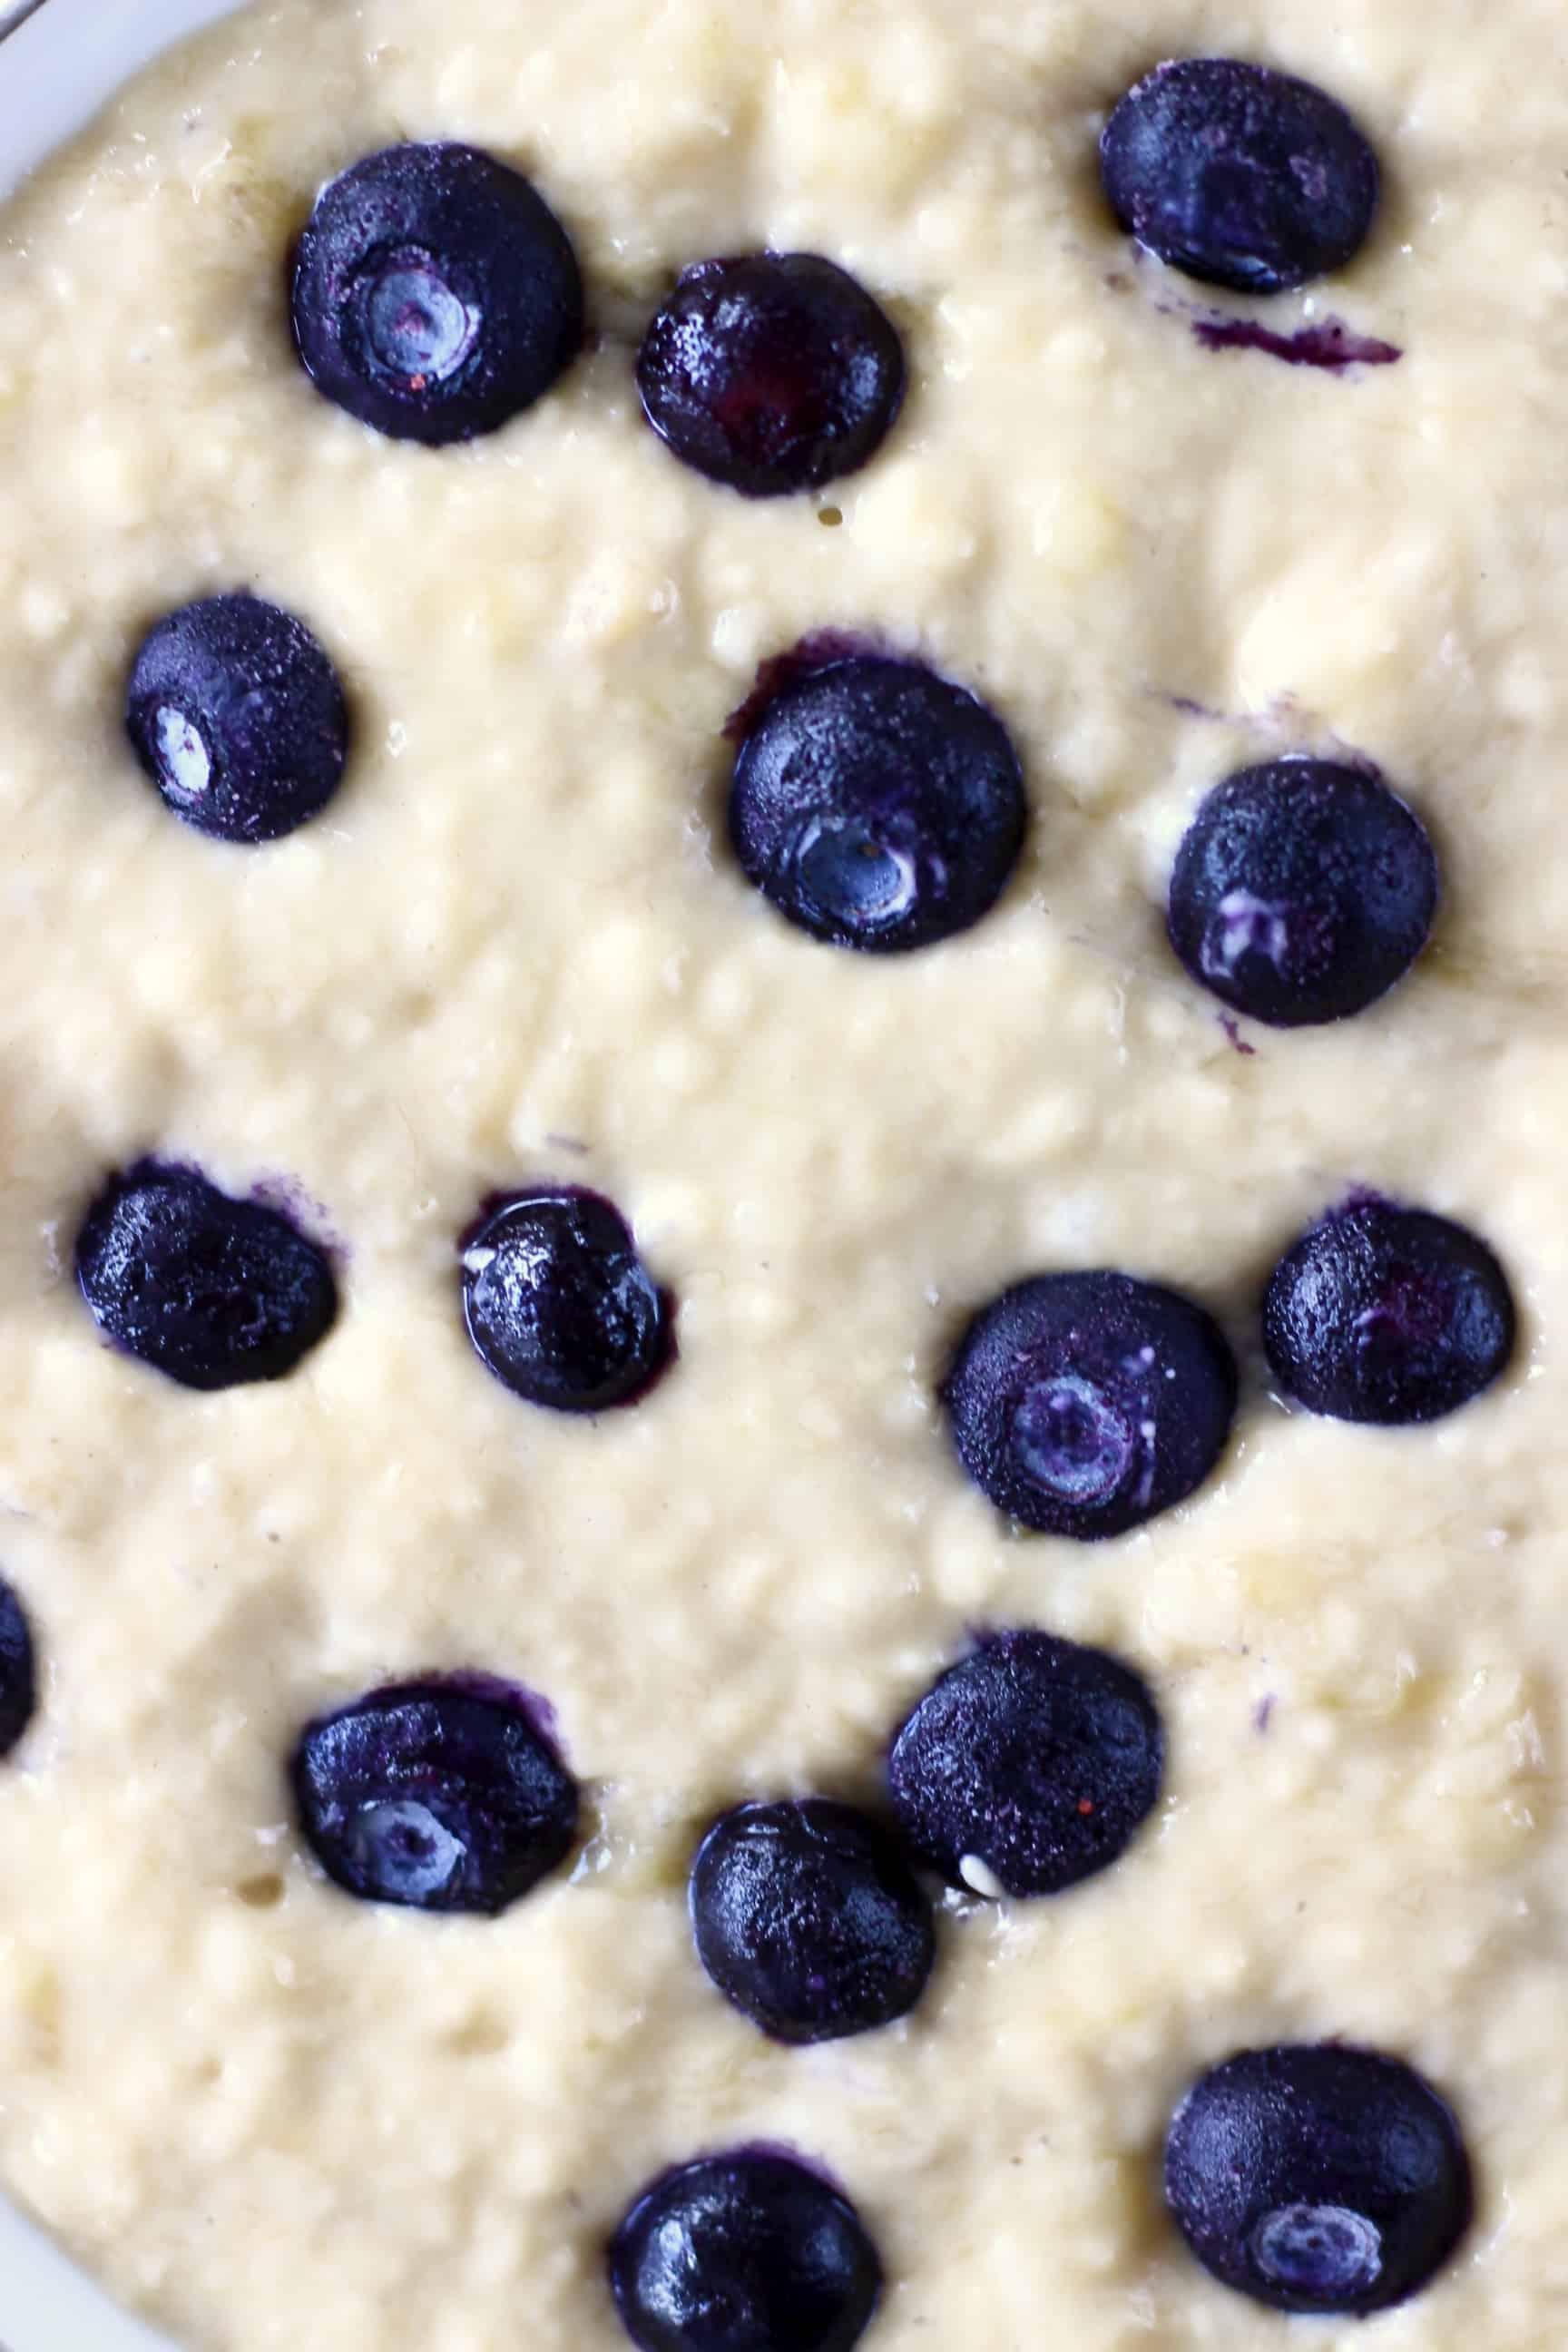 Raw gluten-free vegan lemon blueberry cake batter in a bowl